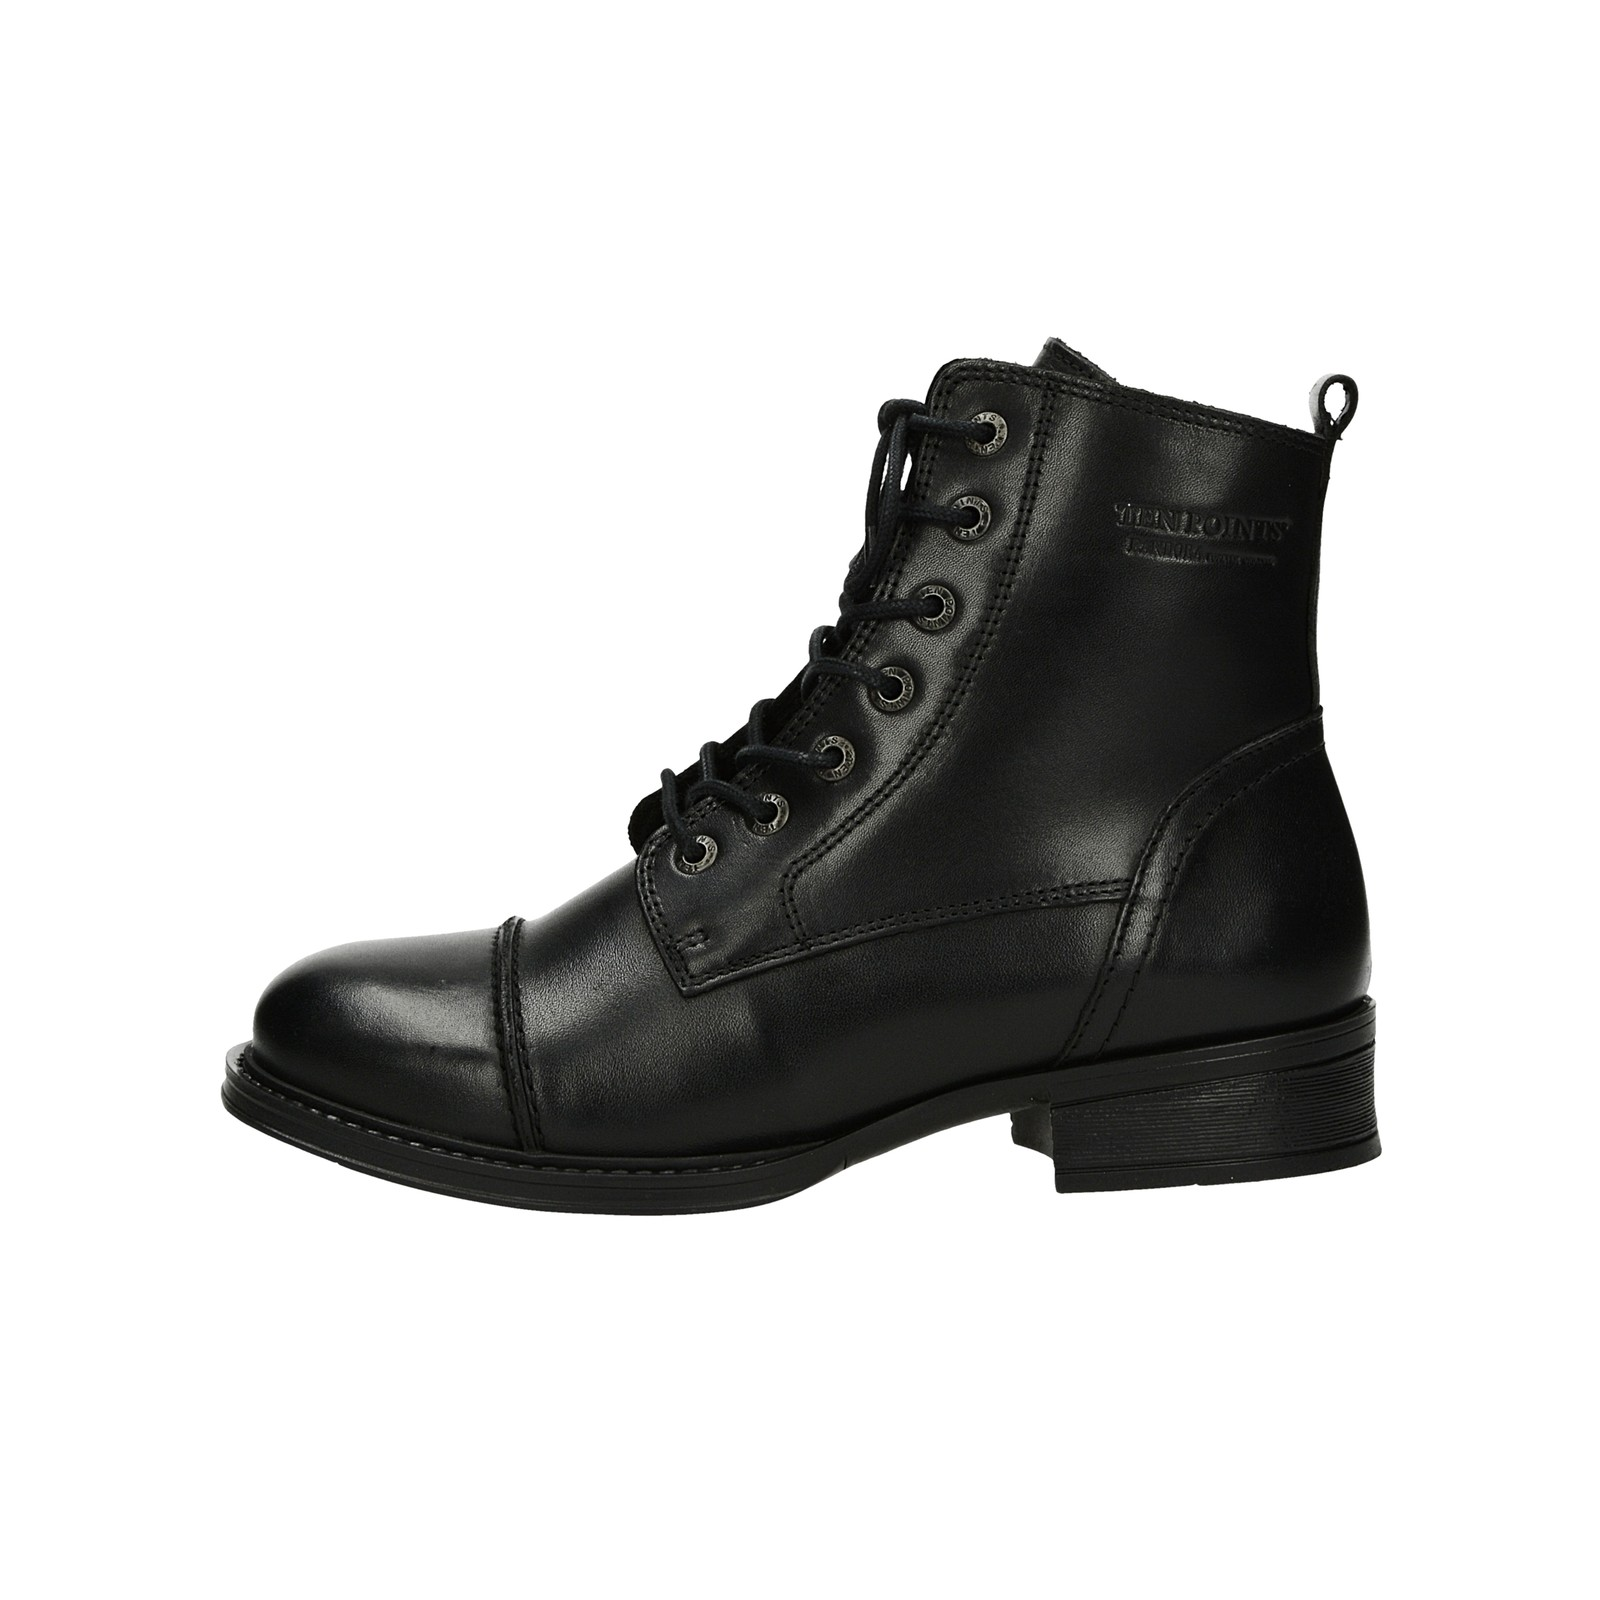 ... Ten Points dámské kožené kotníkové boty - černé ... cf573205eb